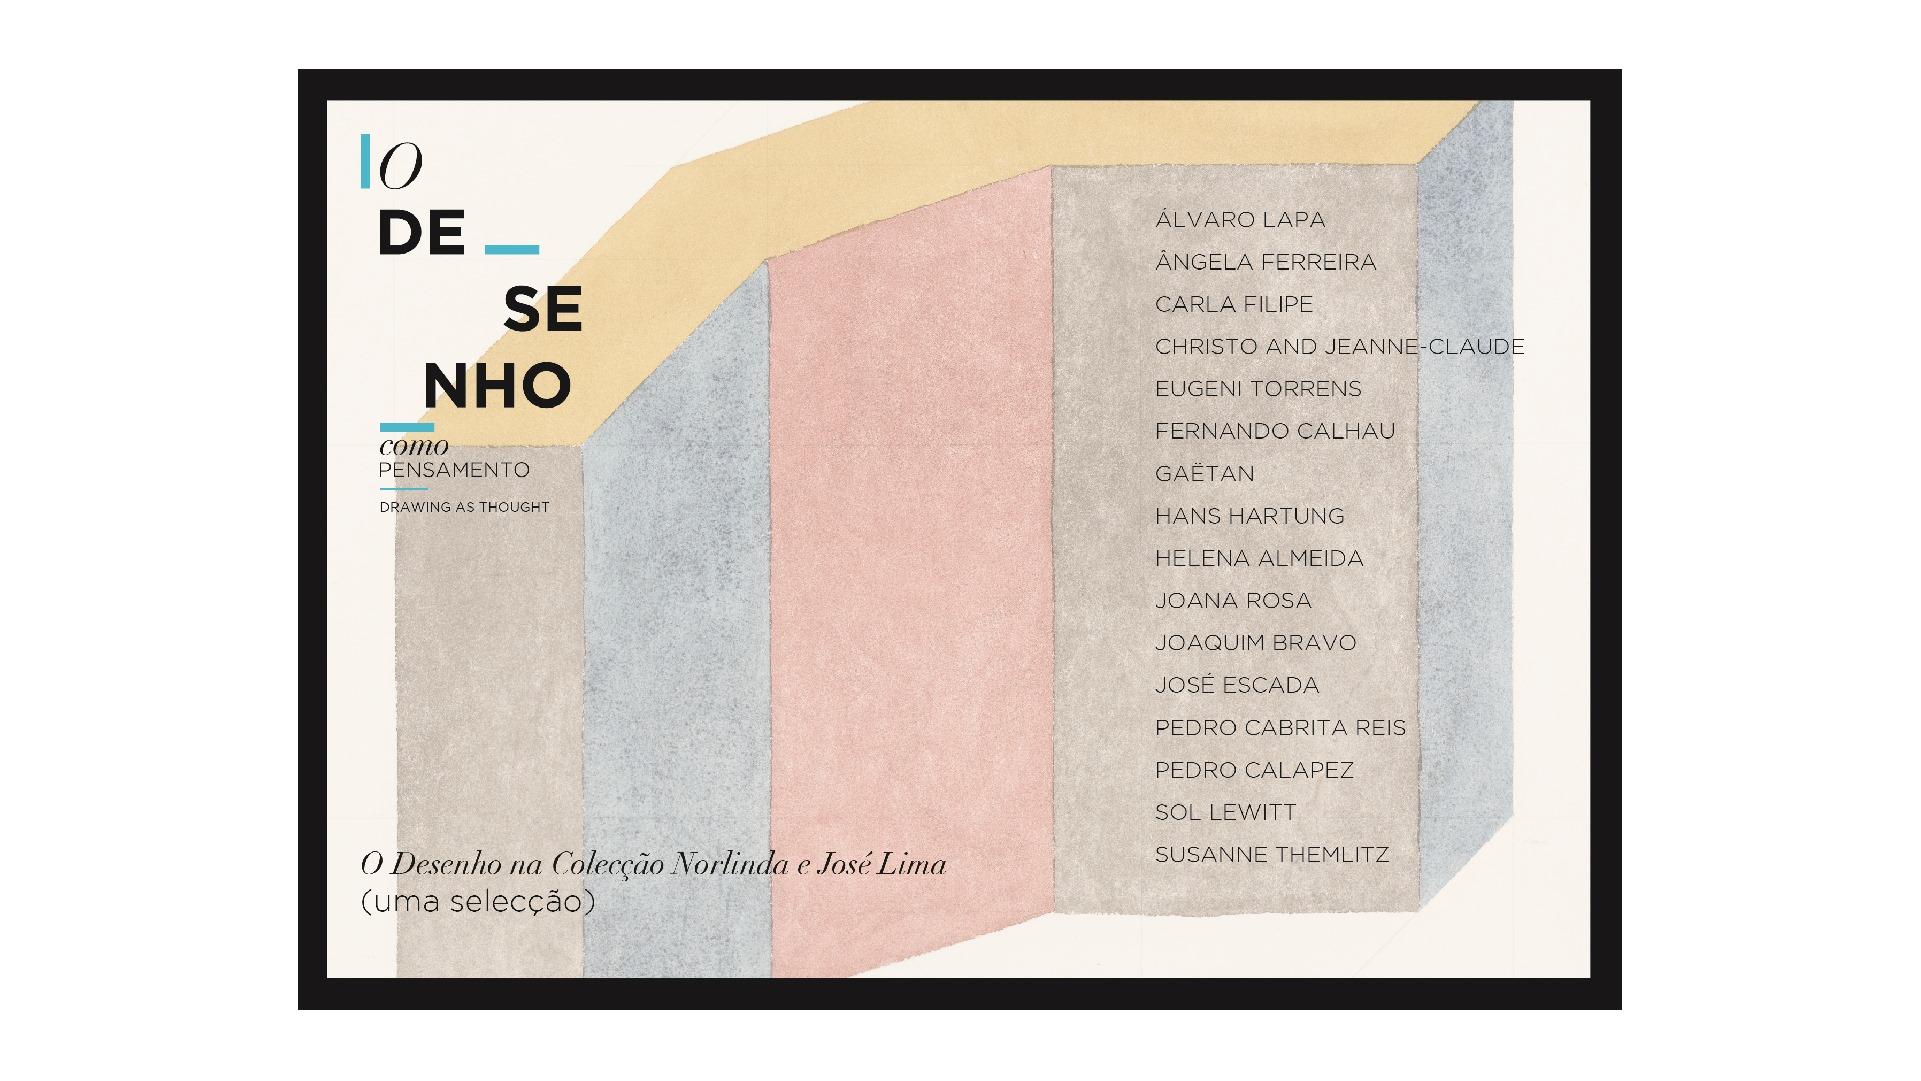 O Desenho na Colecção Norlinda e José Lima (uma selecção)'